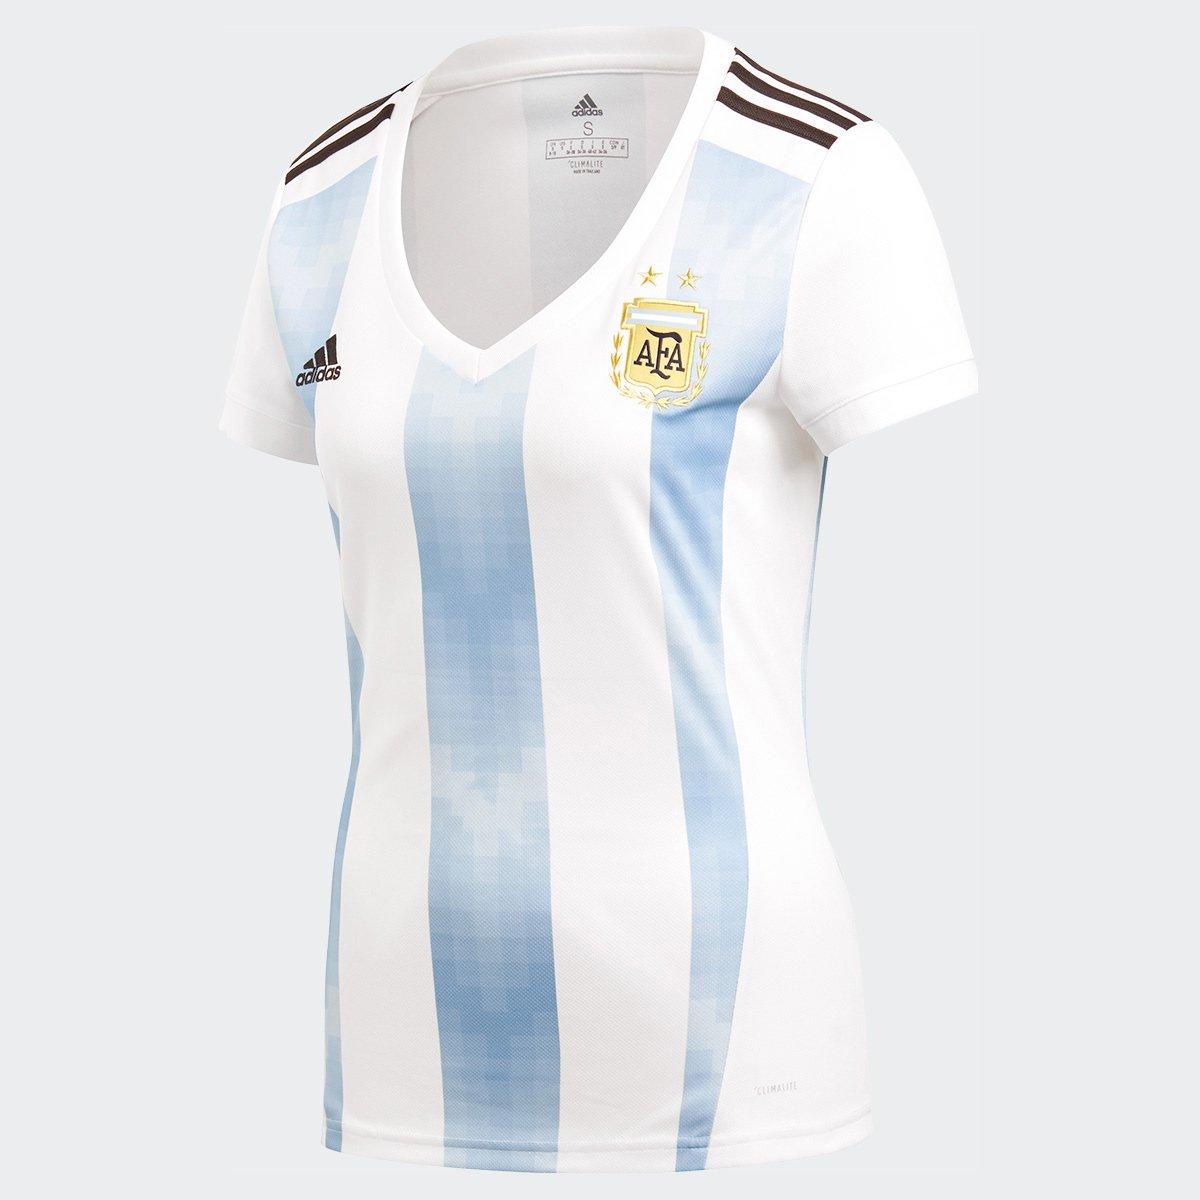 59f3bd7f7a840 Camisa Seleção Argentina Home 2018 s/n° Torcedor Adidas Feminina - Branco e  Azul Claro | Allianz Parque Shop